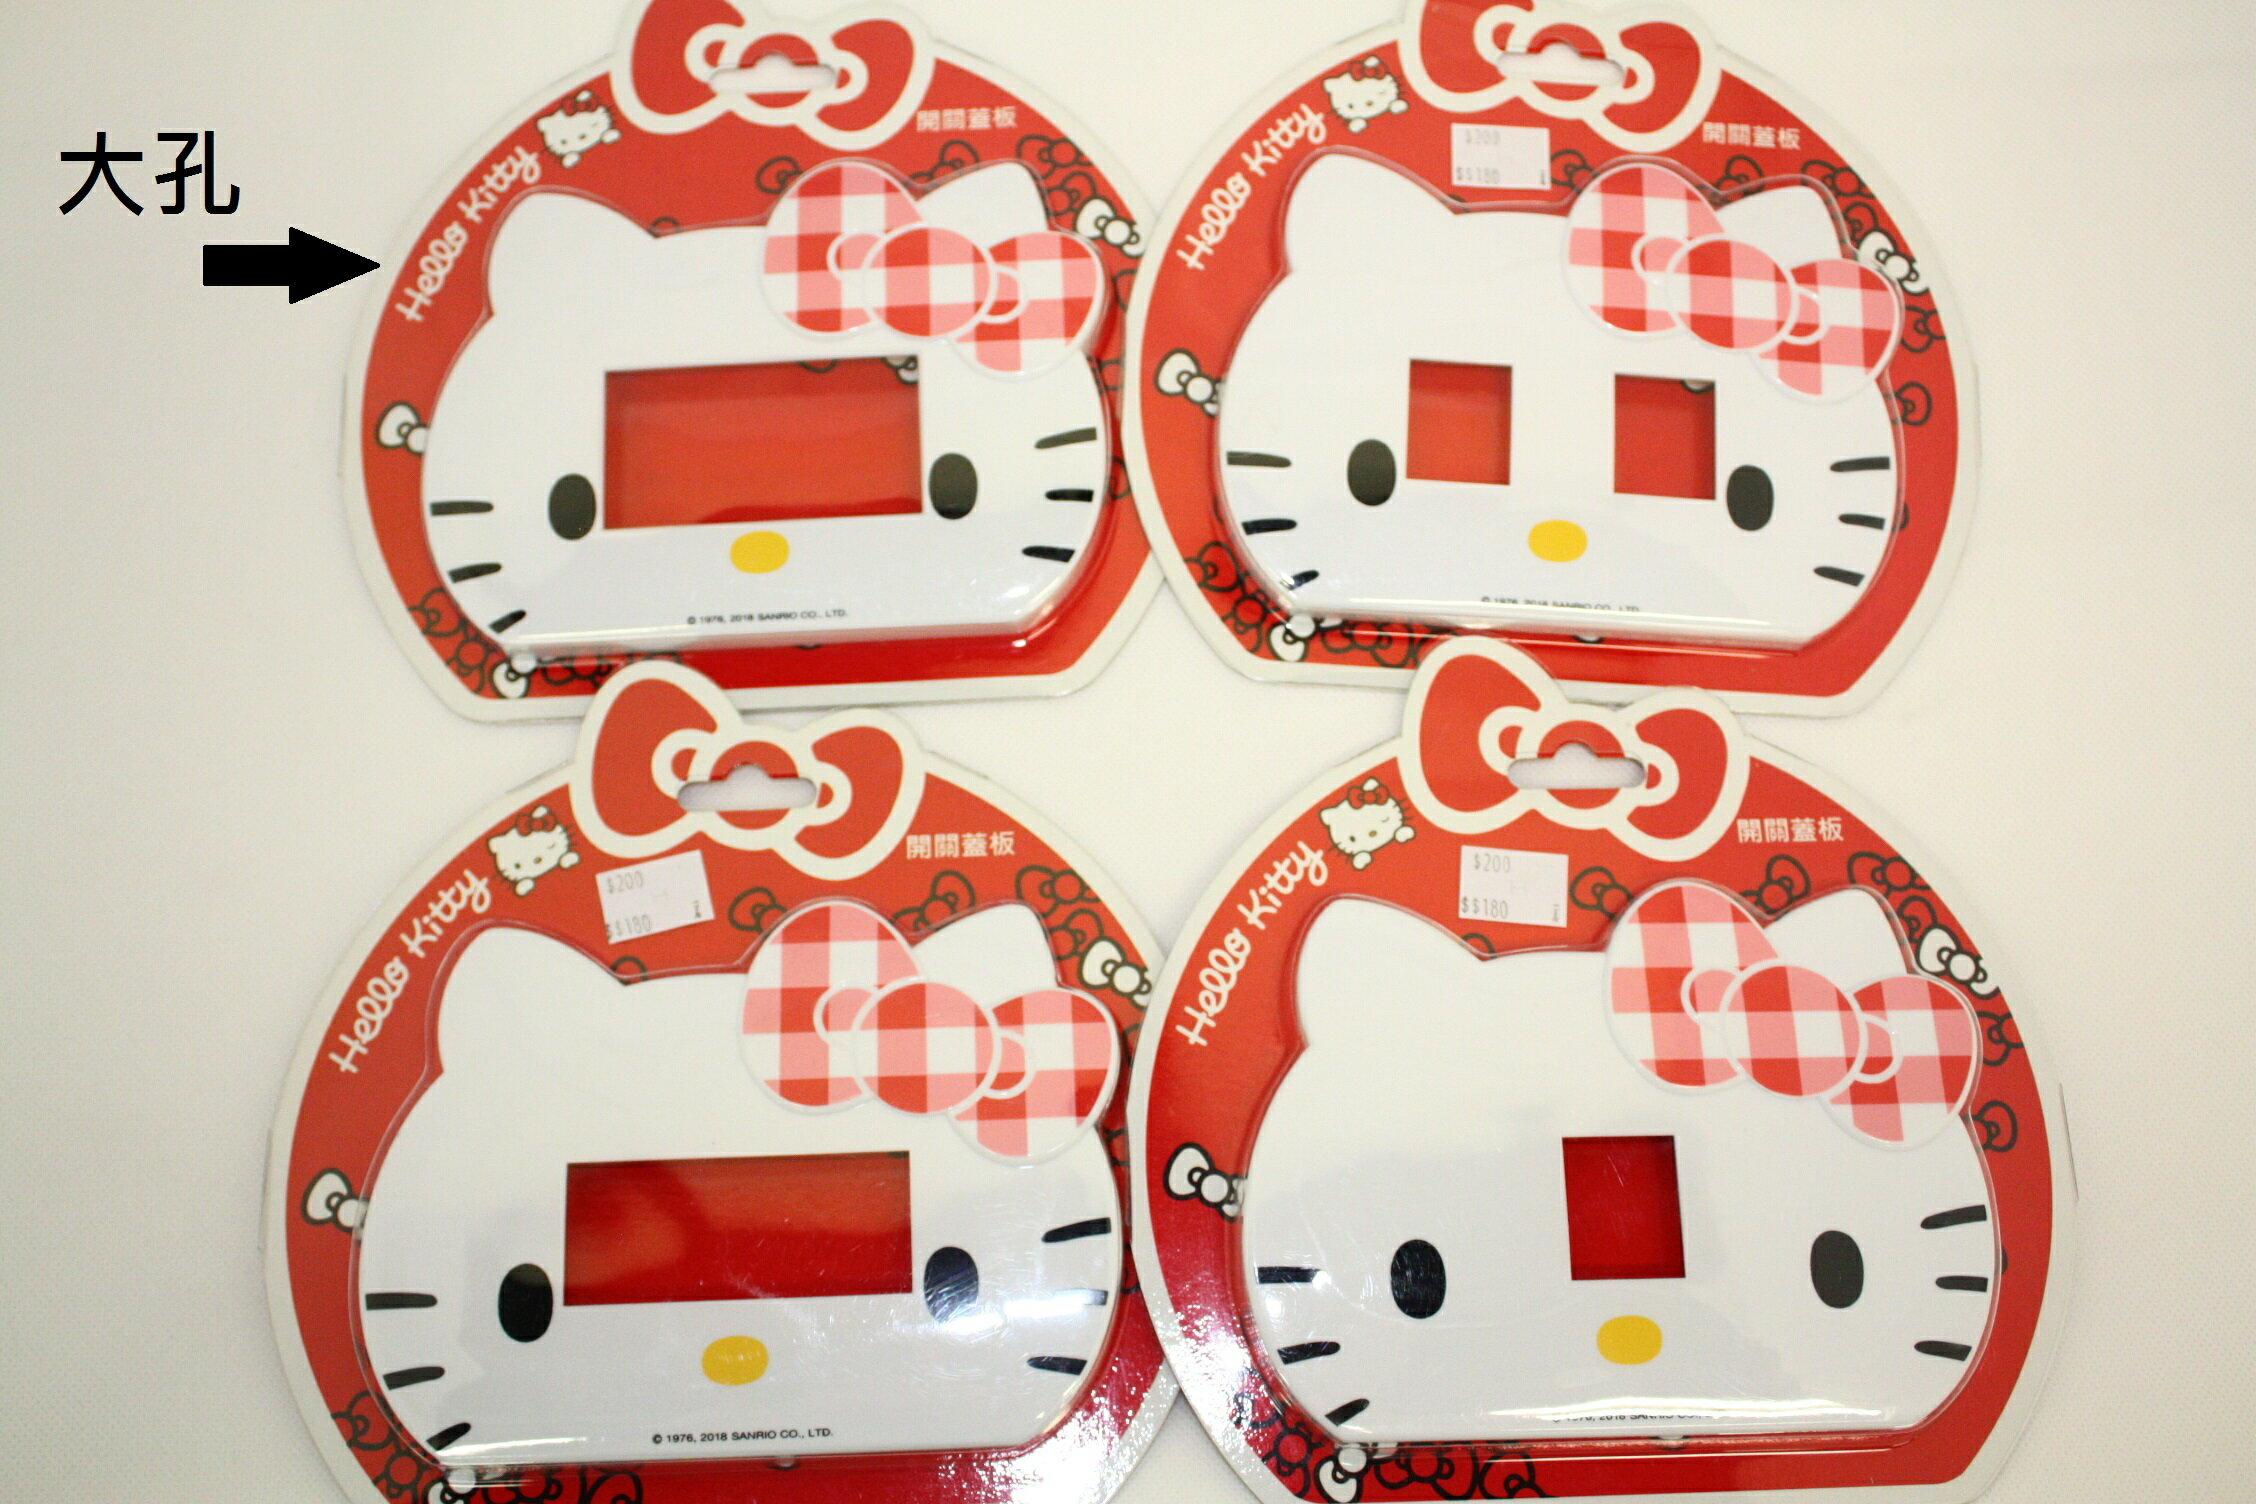 大賀屋 Hello Kitty 開關 蓋板 電燈開關 三麗鷗 凱蒂貓 KT 正版 T0001 205-T0001 208